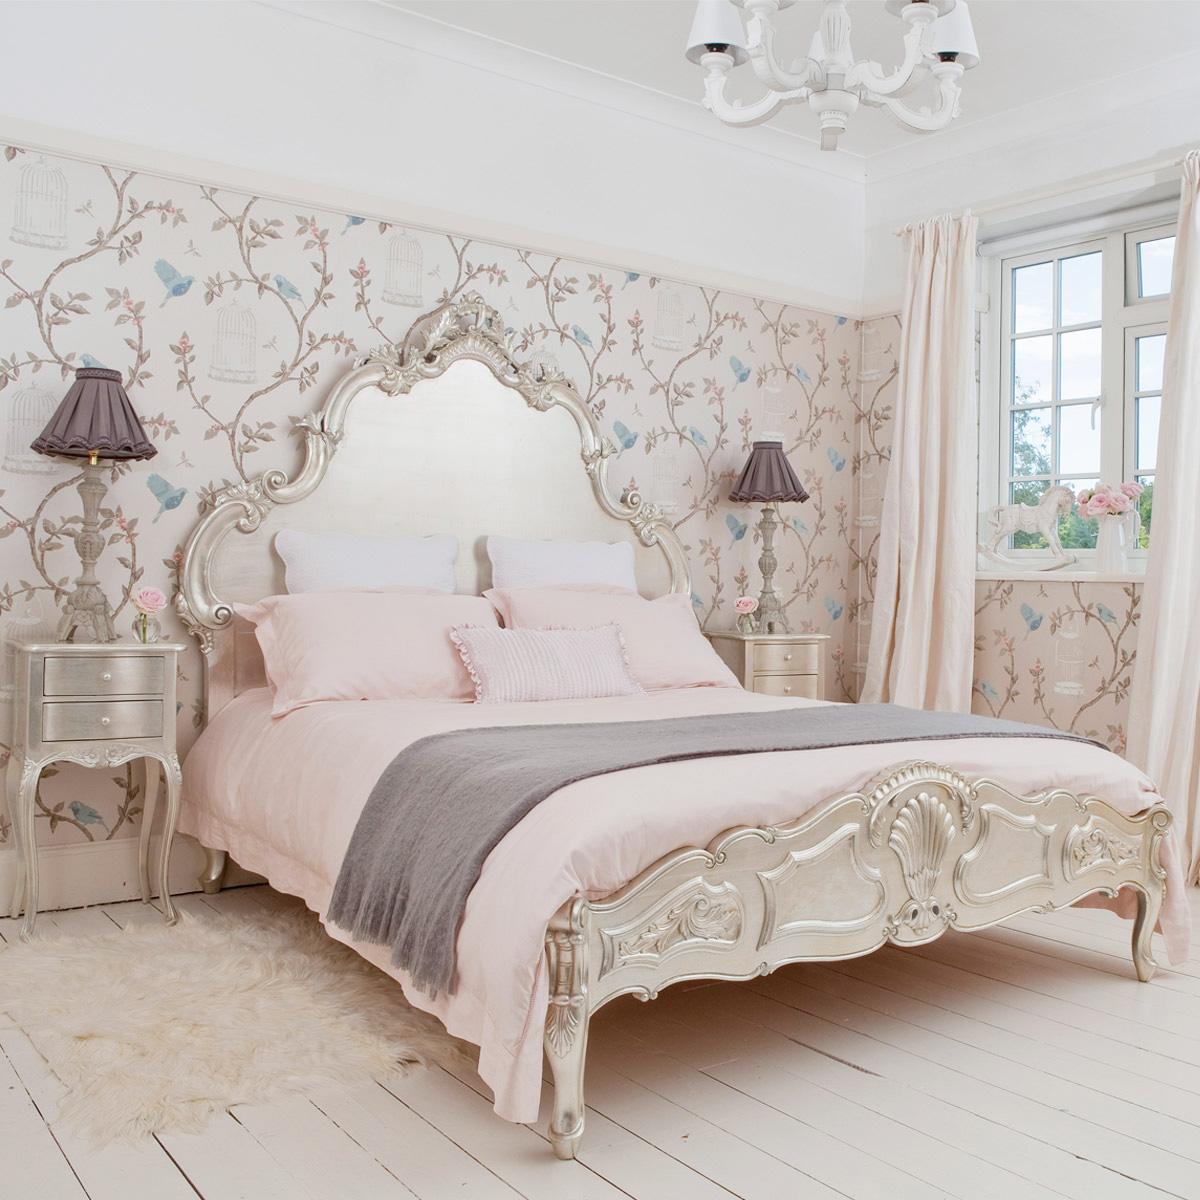 اجمل-تصميمات-ورق-الحائط-لغرف-النوم-2019